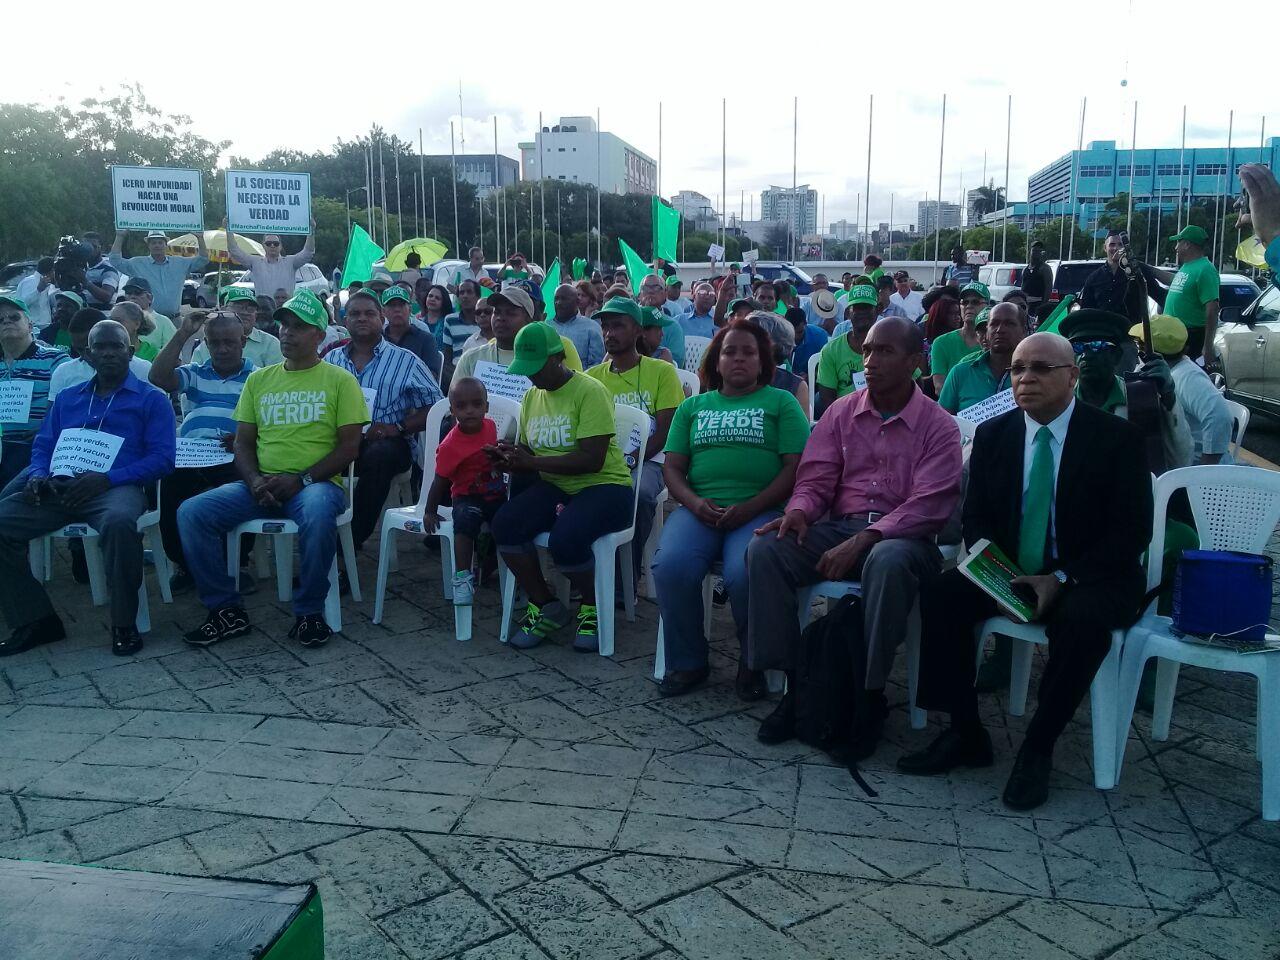 Marcha Verde exige incluir sobrevaluaciones y socios locales en expediente Odebrecht